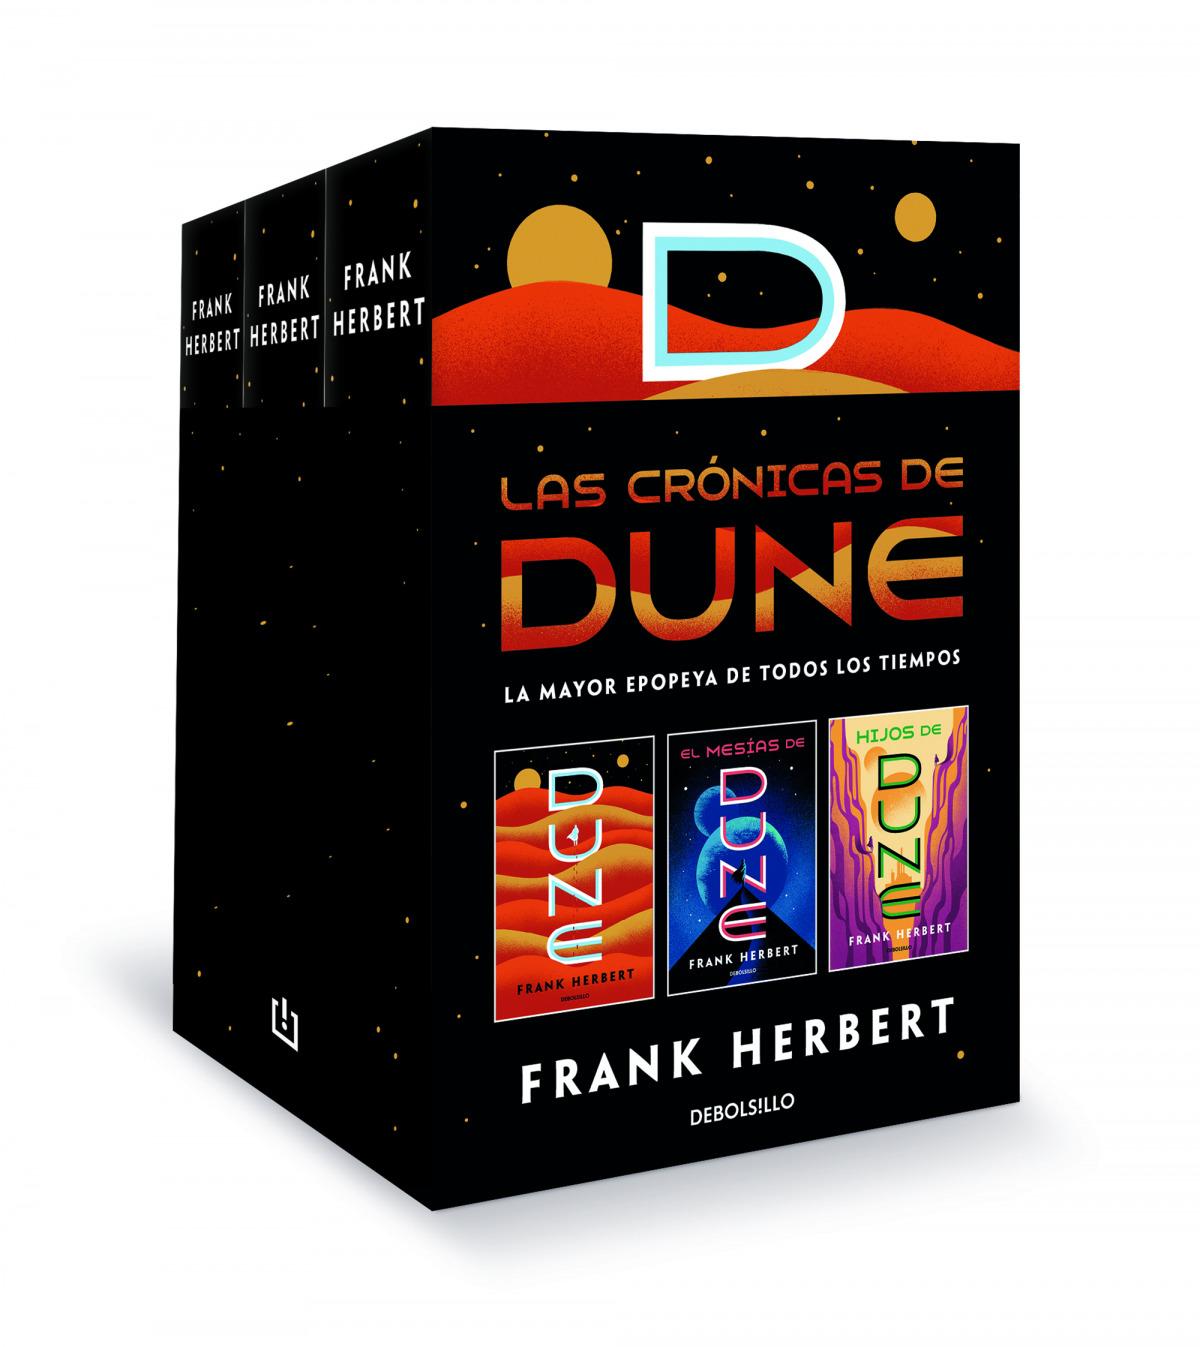 Las crónicas de Dune (pack con: Dune , El mesías de Dune , Hijos de Dune)